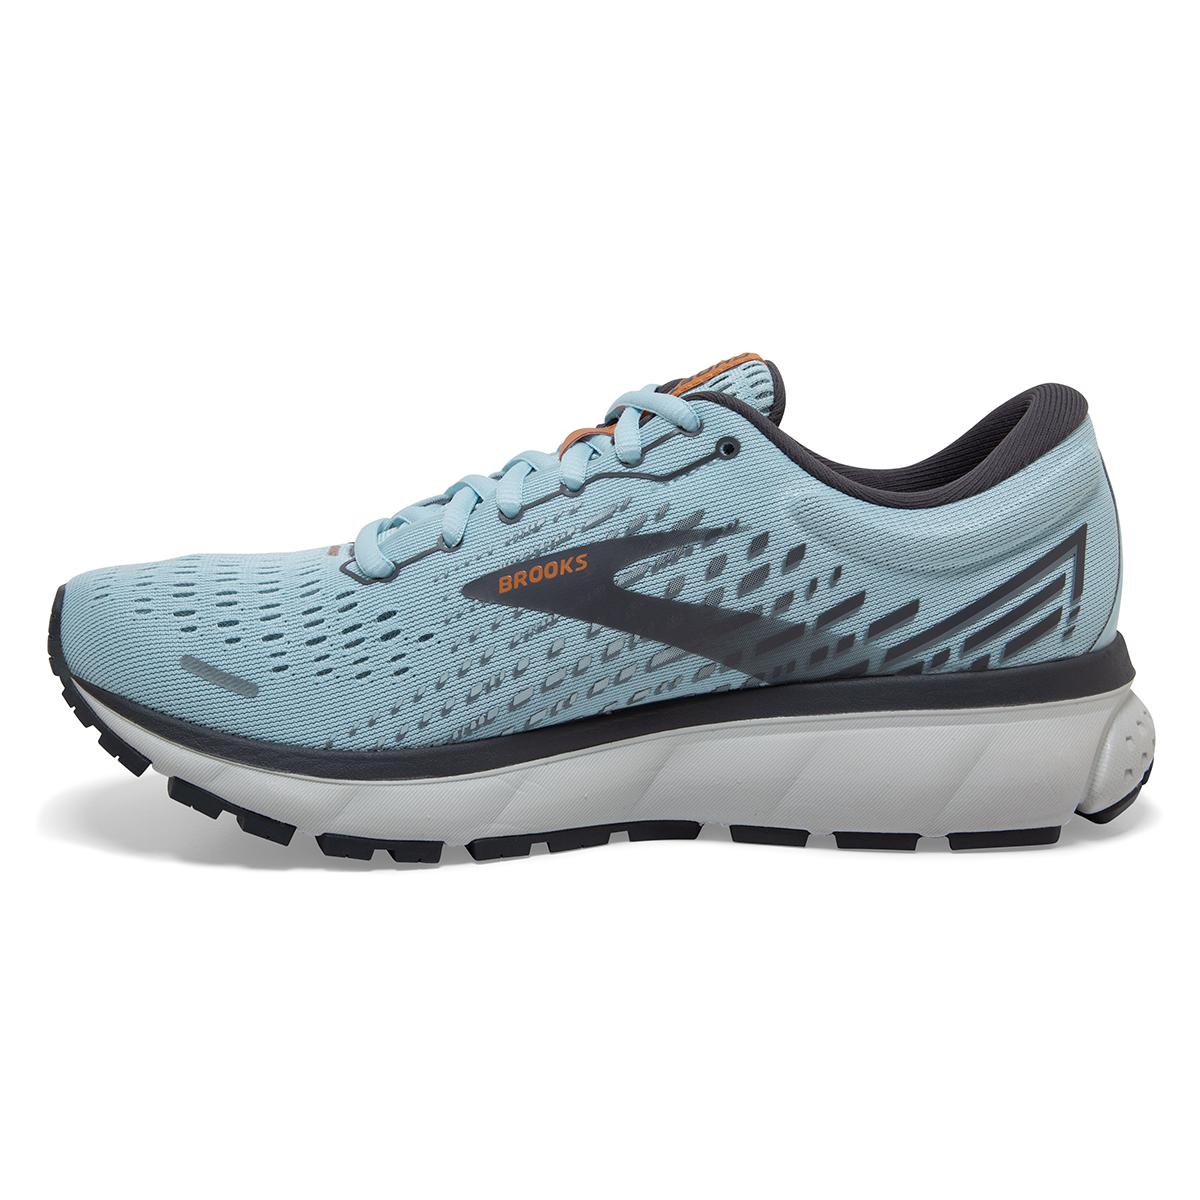 Women's Brooks Ghost 13 Running Shoe - Color: Light Blue/Black - Size: 5 - Width: Regular, Light Blue/Black, large, image 5